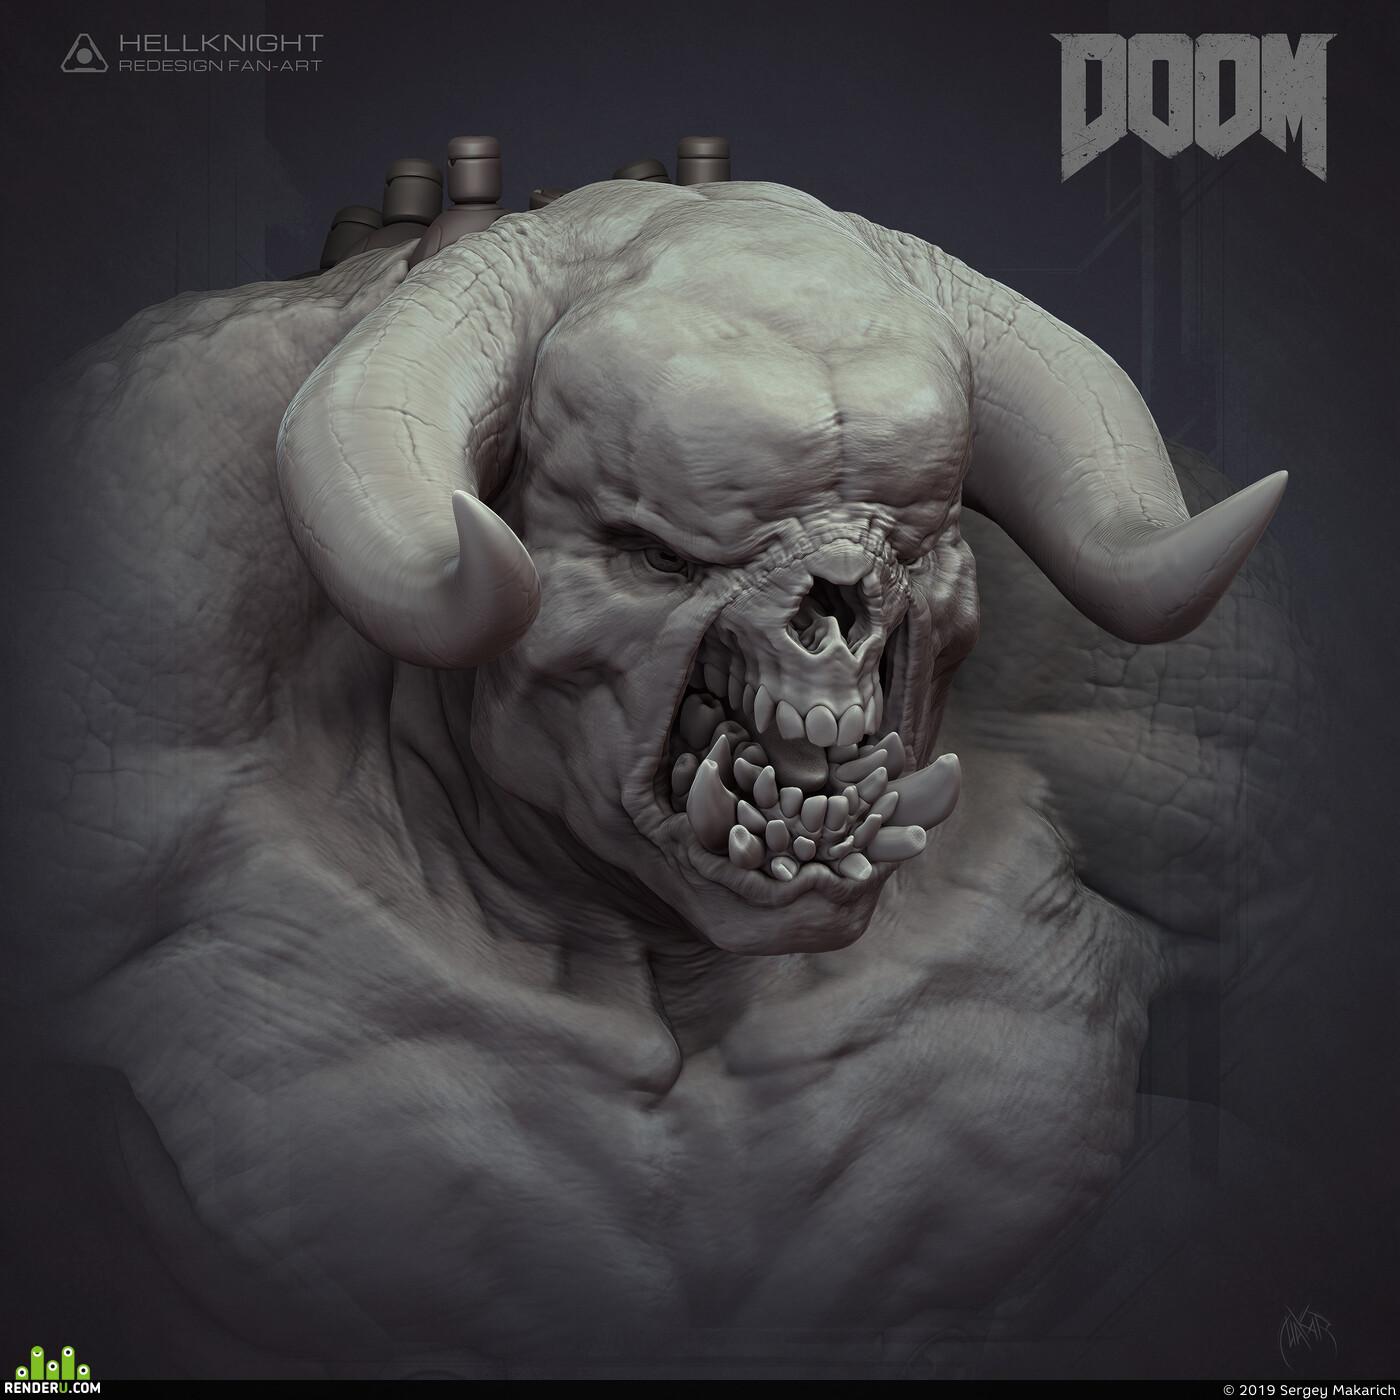 fanart, gameart, demon, creature, monster, hellknight, zbrushsculpt, digital sculpture, 3d sculpt, doom